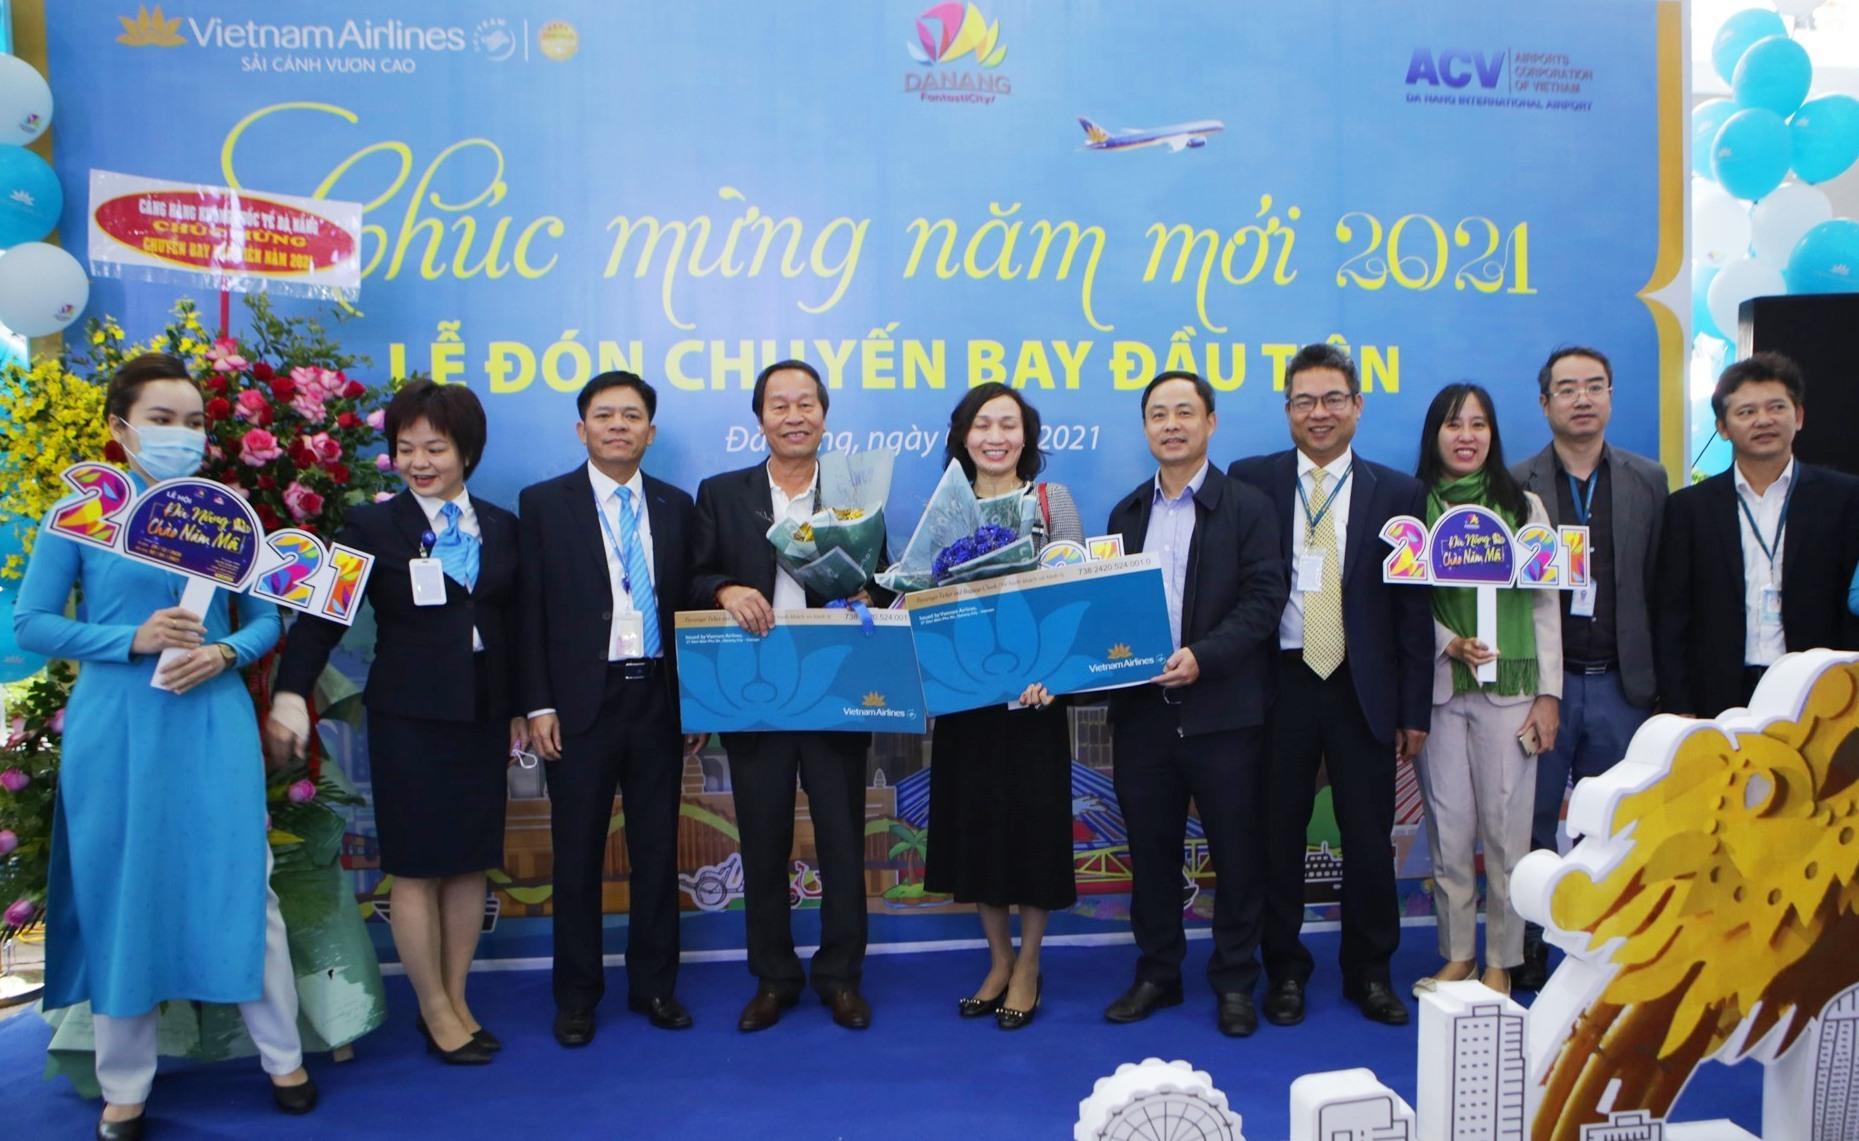 Lãnh đạo Sở Du lịch Đà Nẵng và Cảng Hàng không quốc tế Đà Nẵng cùng Vietnam Airlines tổ chức đón chuyến bay đầu tiên trong dịp Tết dương lịch 2021. Ảnh: XUÂN LAN